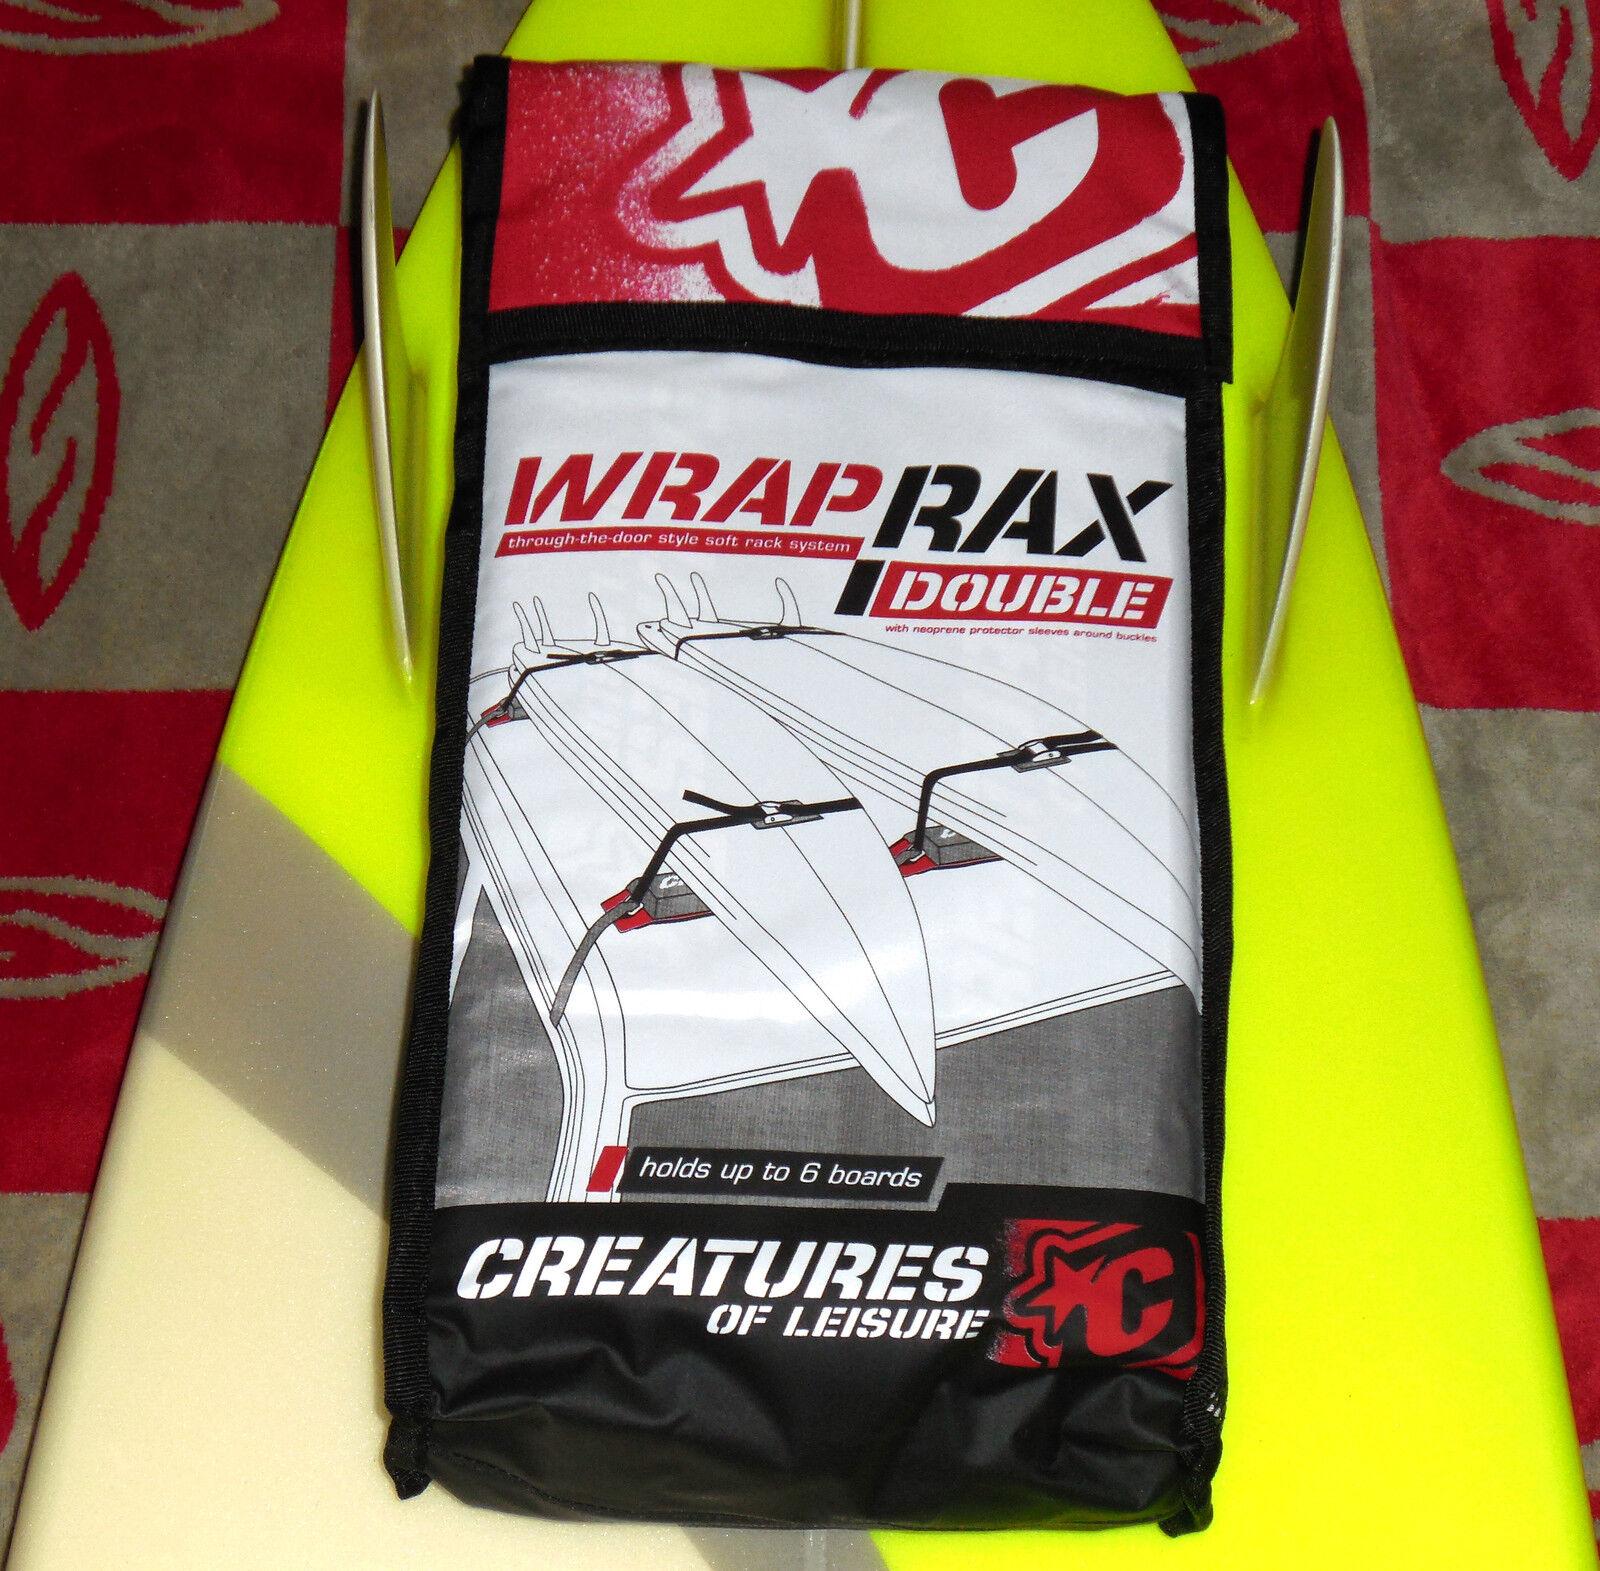 Creatures of Leisure Tabla de Surf coche racks Suave-equipo diseñado Wrap Rax Doble